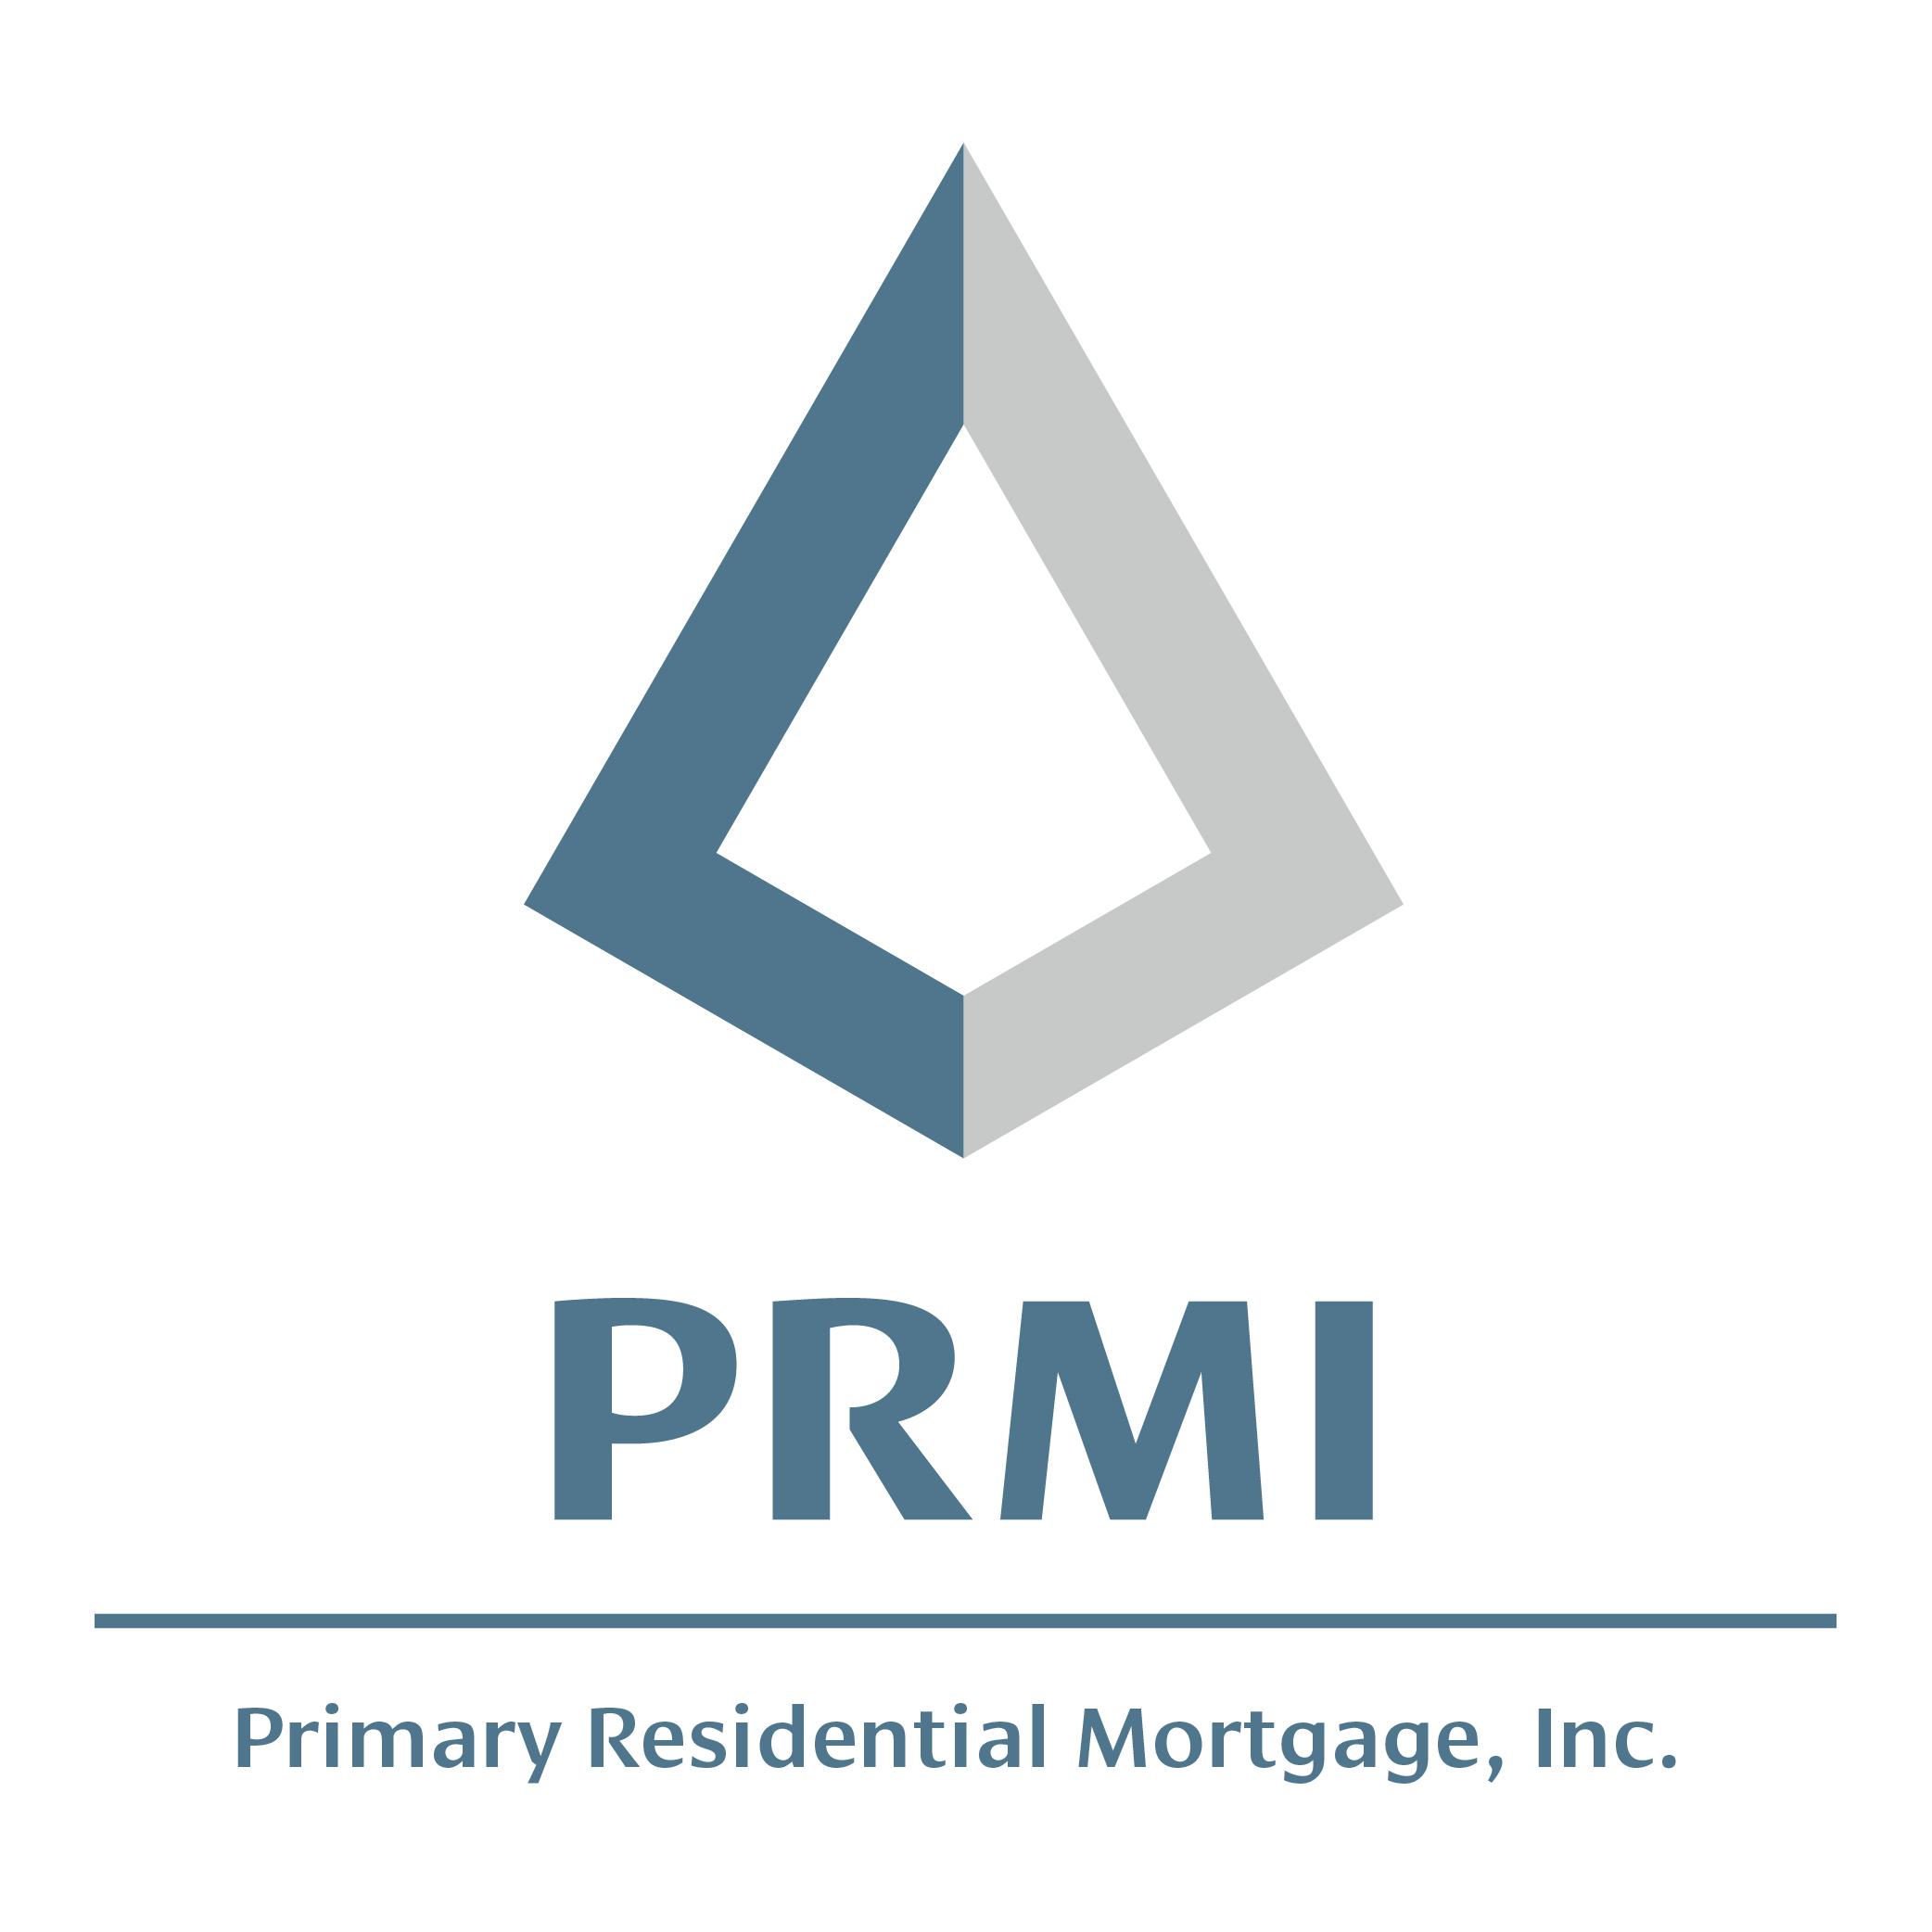 Primary Residential Mortgage, Inc. - Orlando, FL 32826 - (321)337-0268 | ShowMeLocal.com